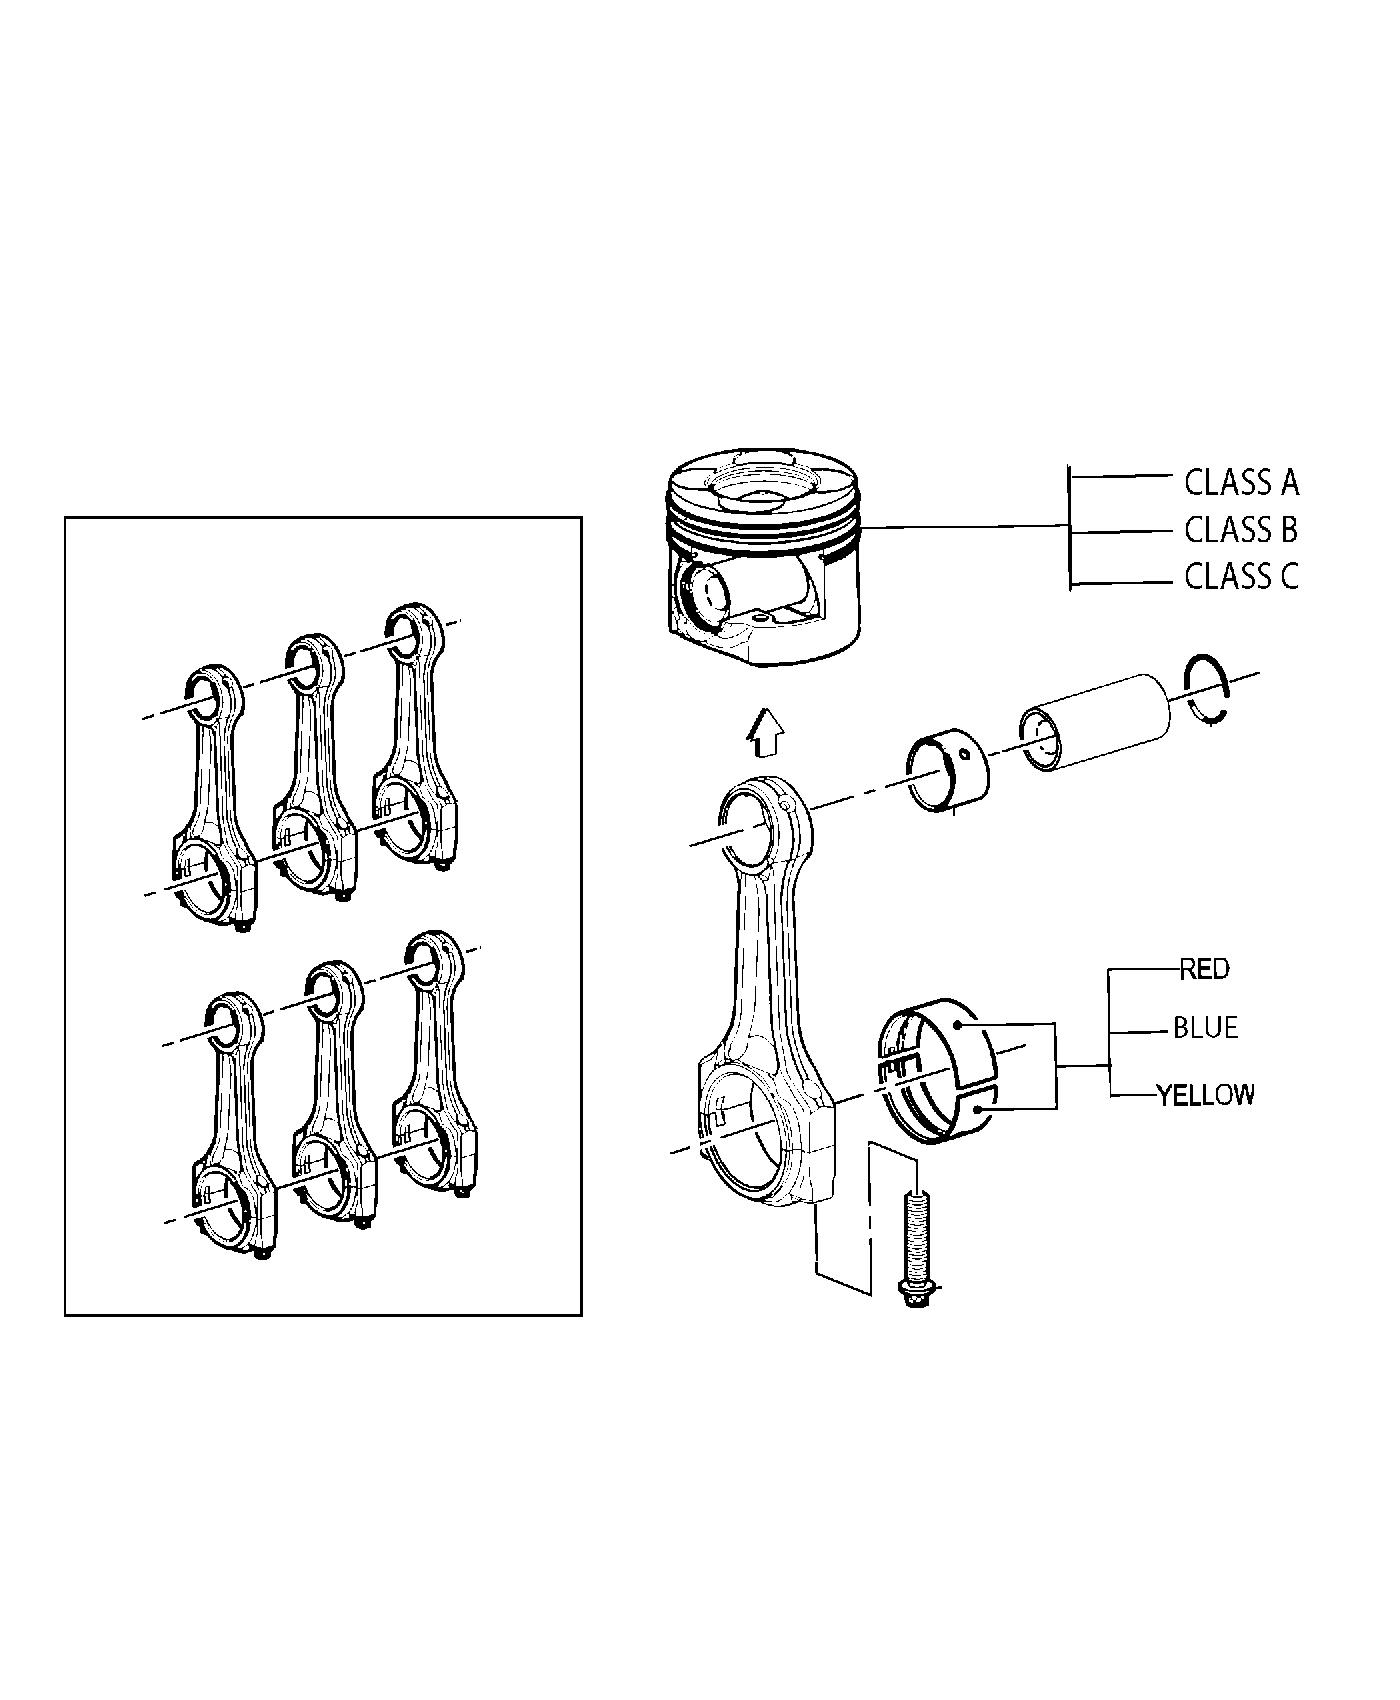 tags: #mercedessel engines#isuzusel engine#amc engine parts#jeep wrangler 4#amc  304 engine parts#high performance amc 304 engine#crusader marine engines#amc